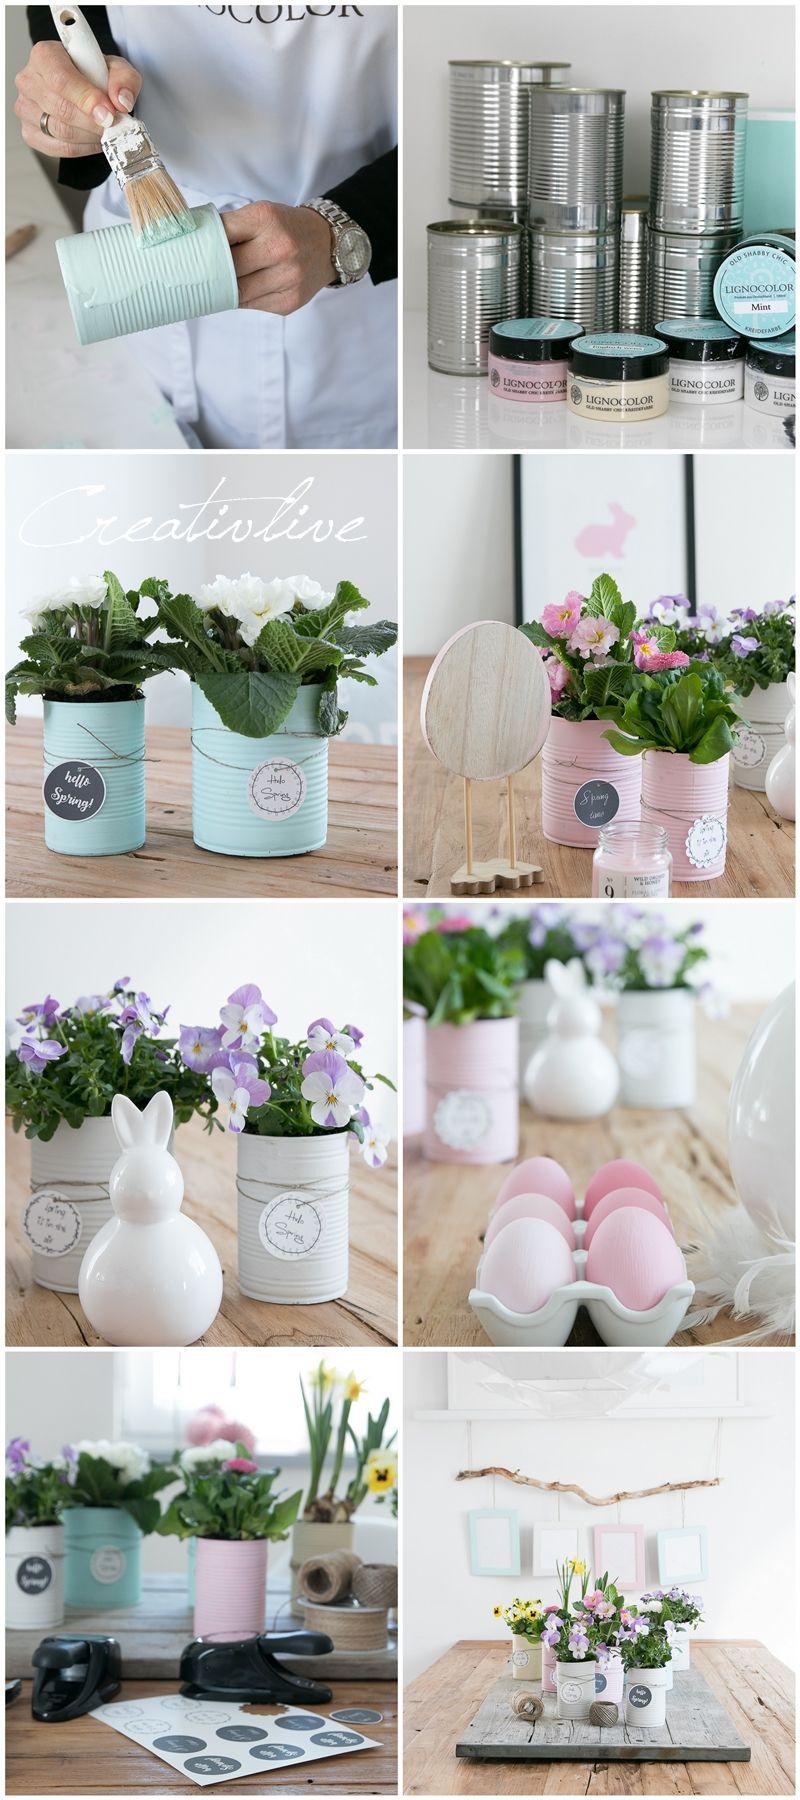 DIY Blechdosen Upcycling In Pastellfarben. Für Den Frühling Und Ostern